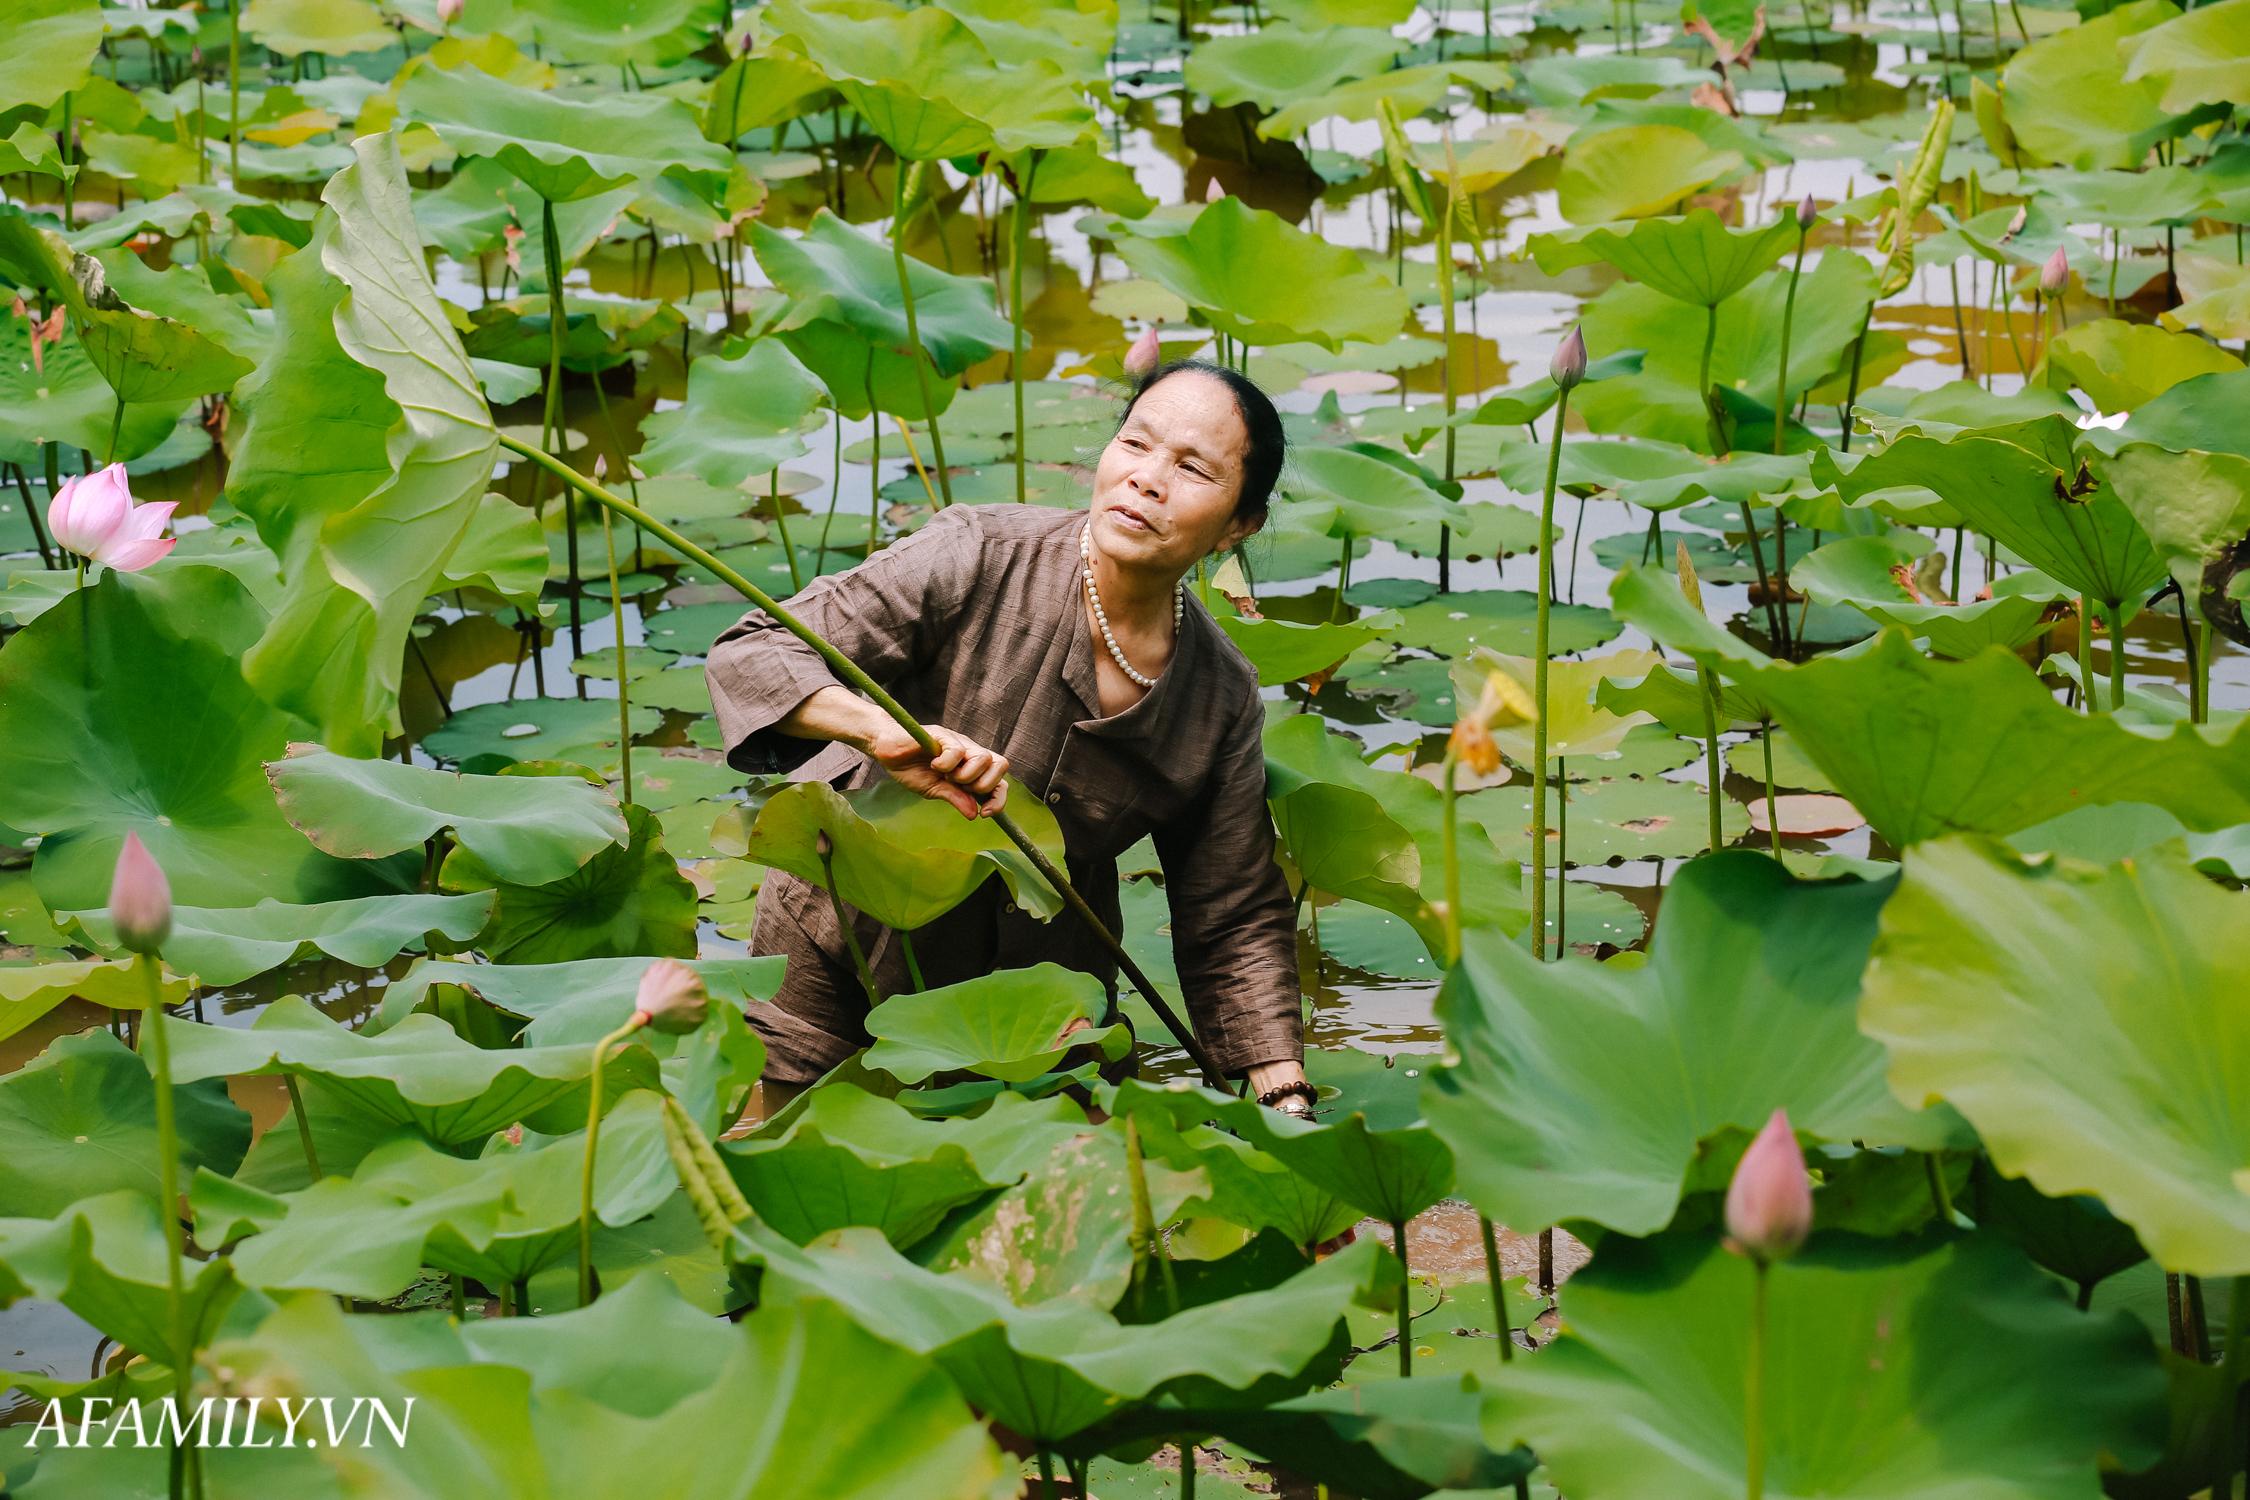 """Người phụ nữ chân quê ngoại thành Hà Nội với biệt tài """"bắt sen nhả tơ"""", làm nên chiếc khăn giá chẳng kém gì hàng hiệu nổi tiếng - Ảnh 1."""